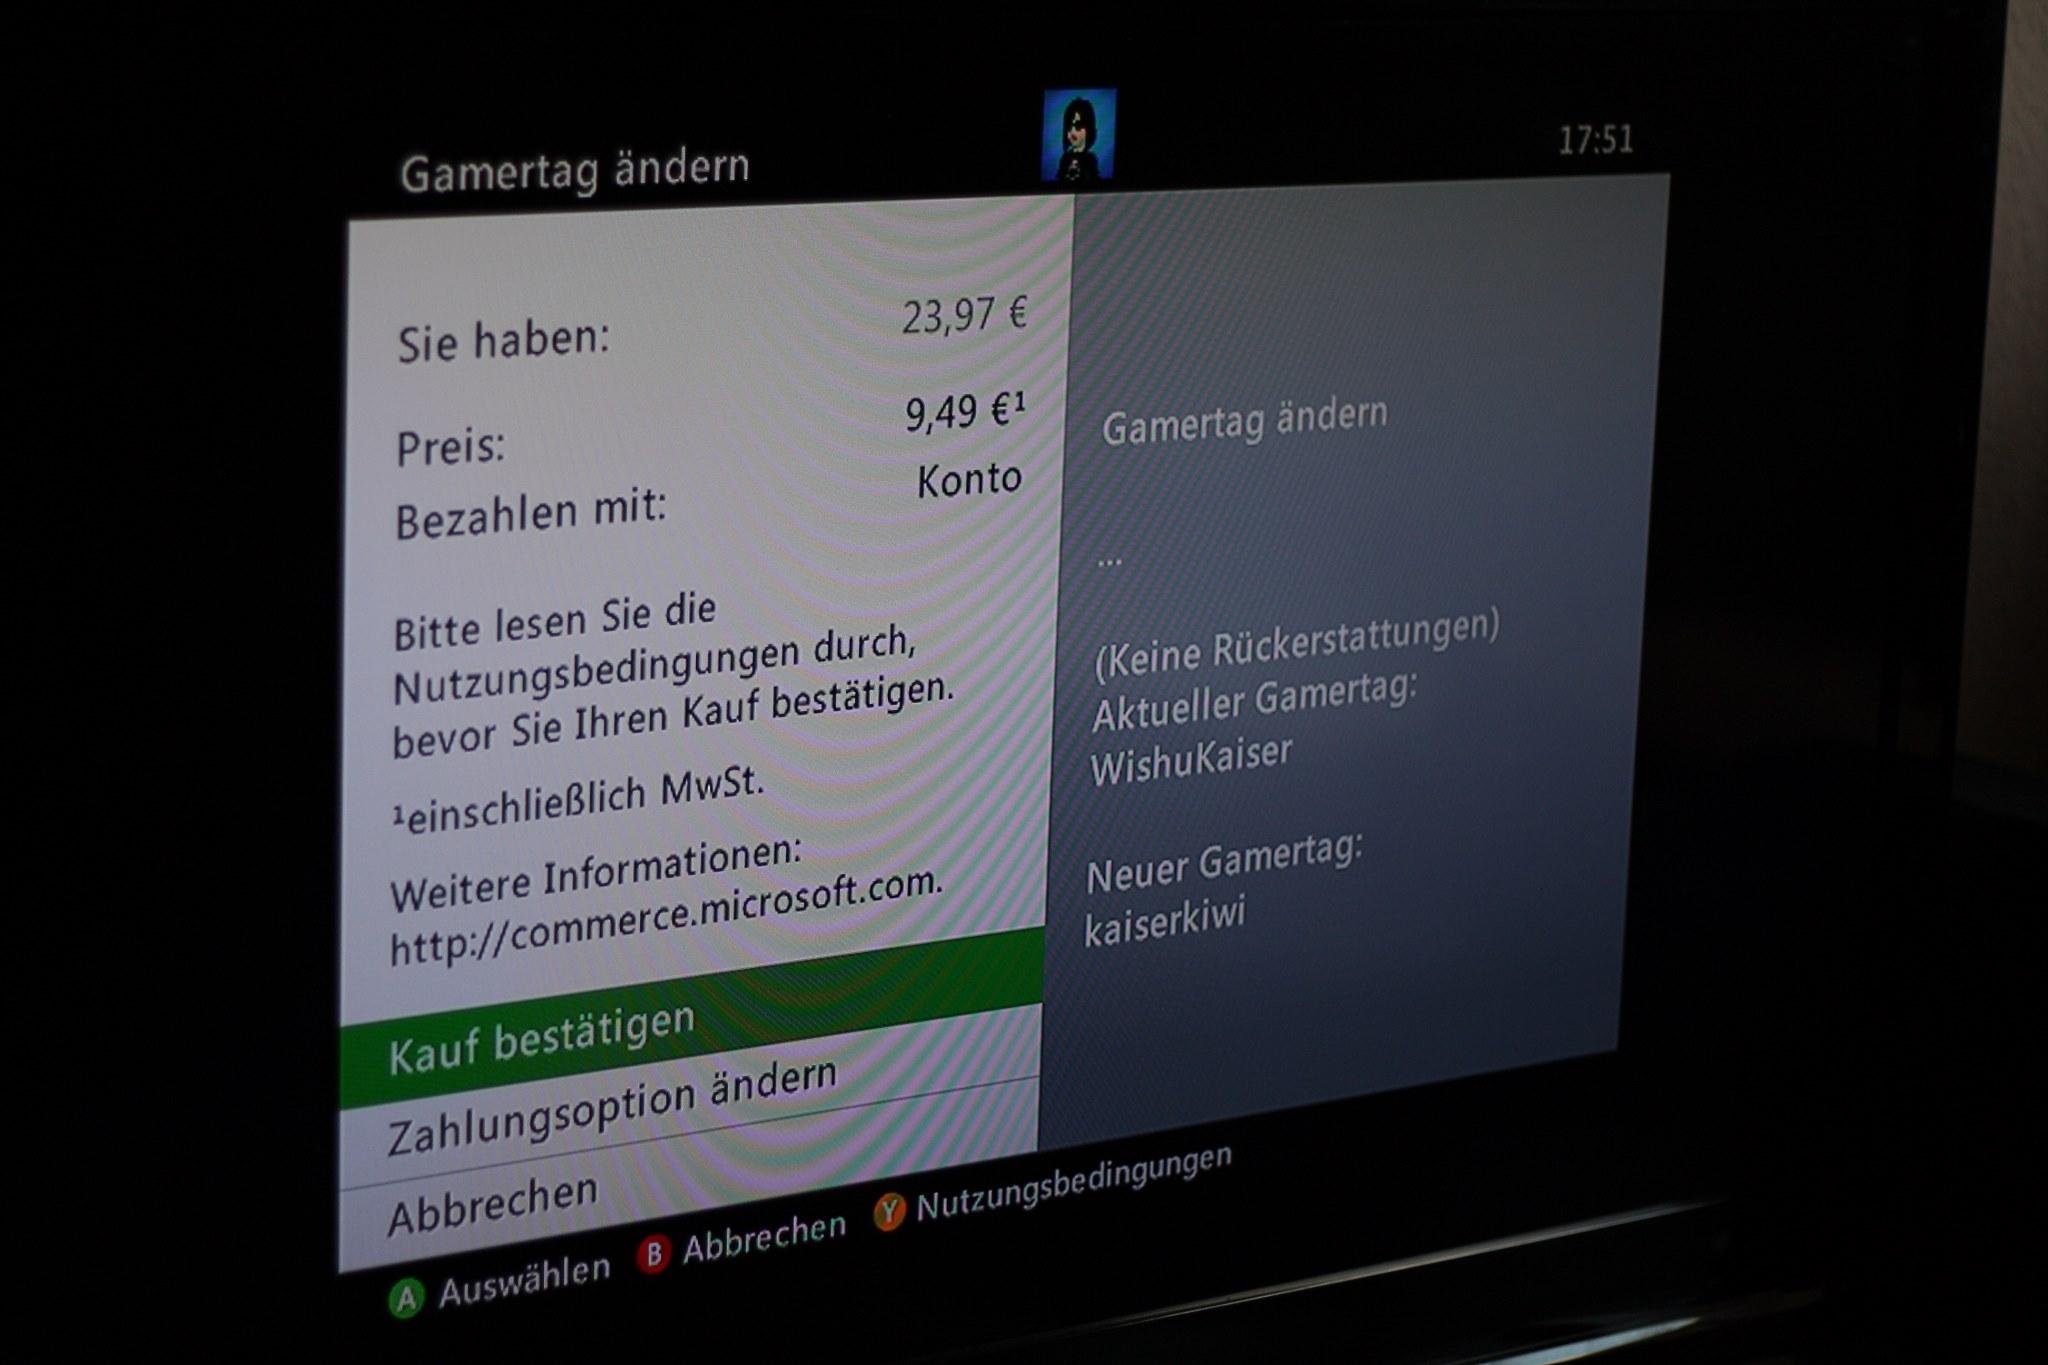 Xbox Gamertag ändern Kostenlos